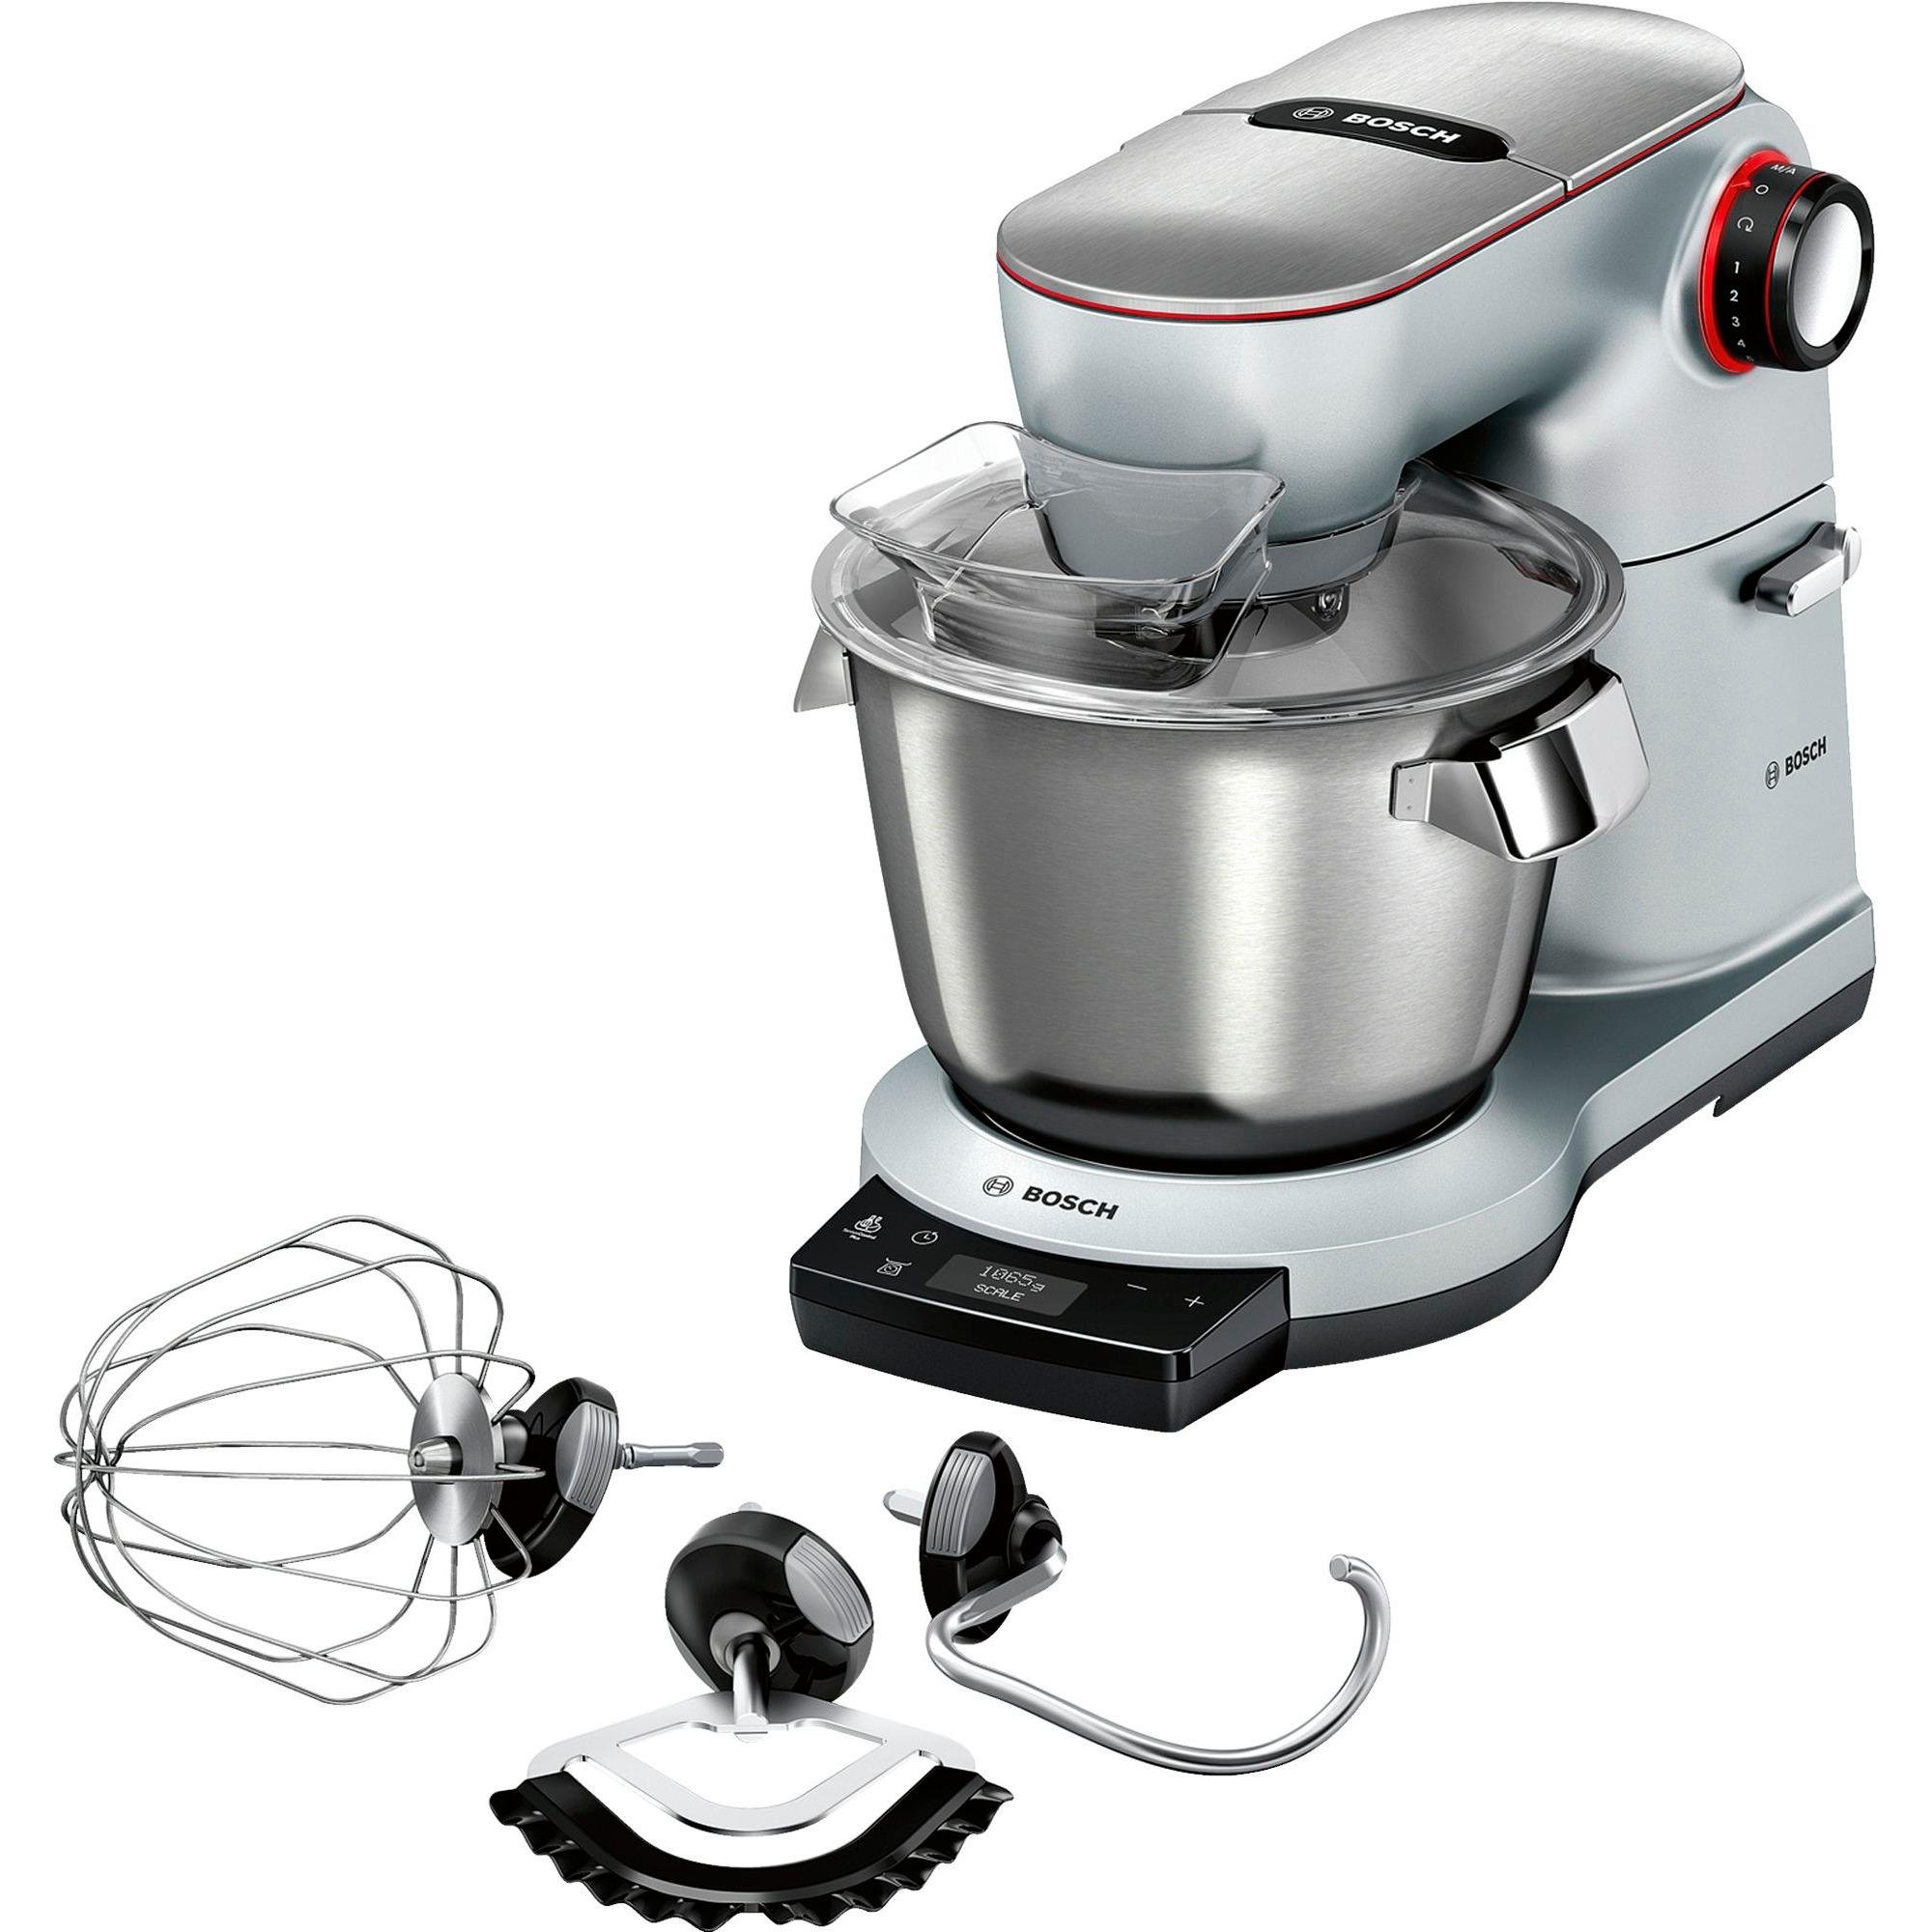 Bosch mum4856eu robot da cucina prezzo e offerte sottocosto - Bosch robot da cucina ...